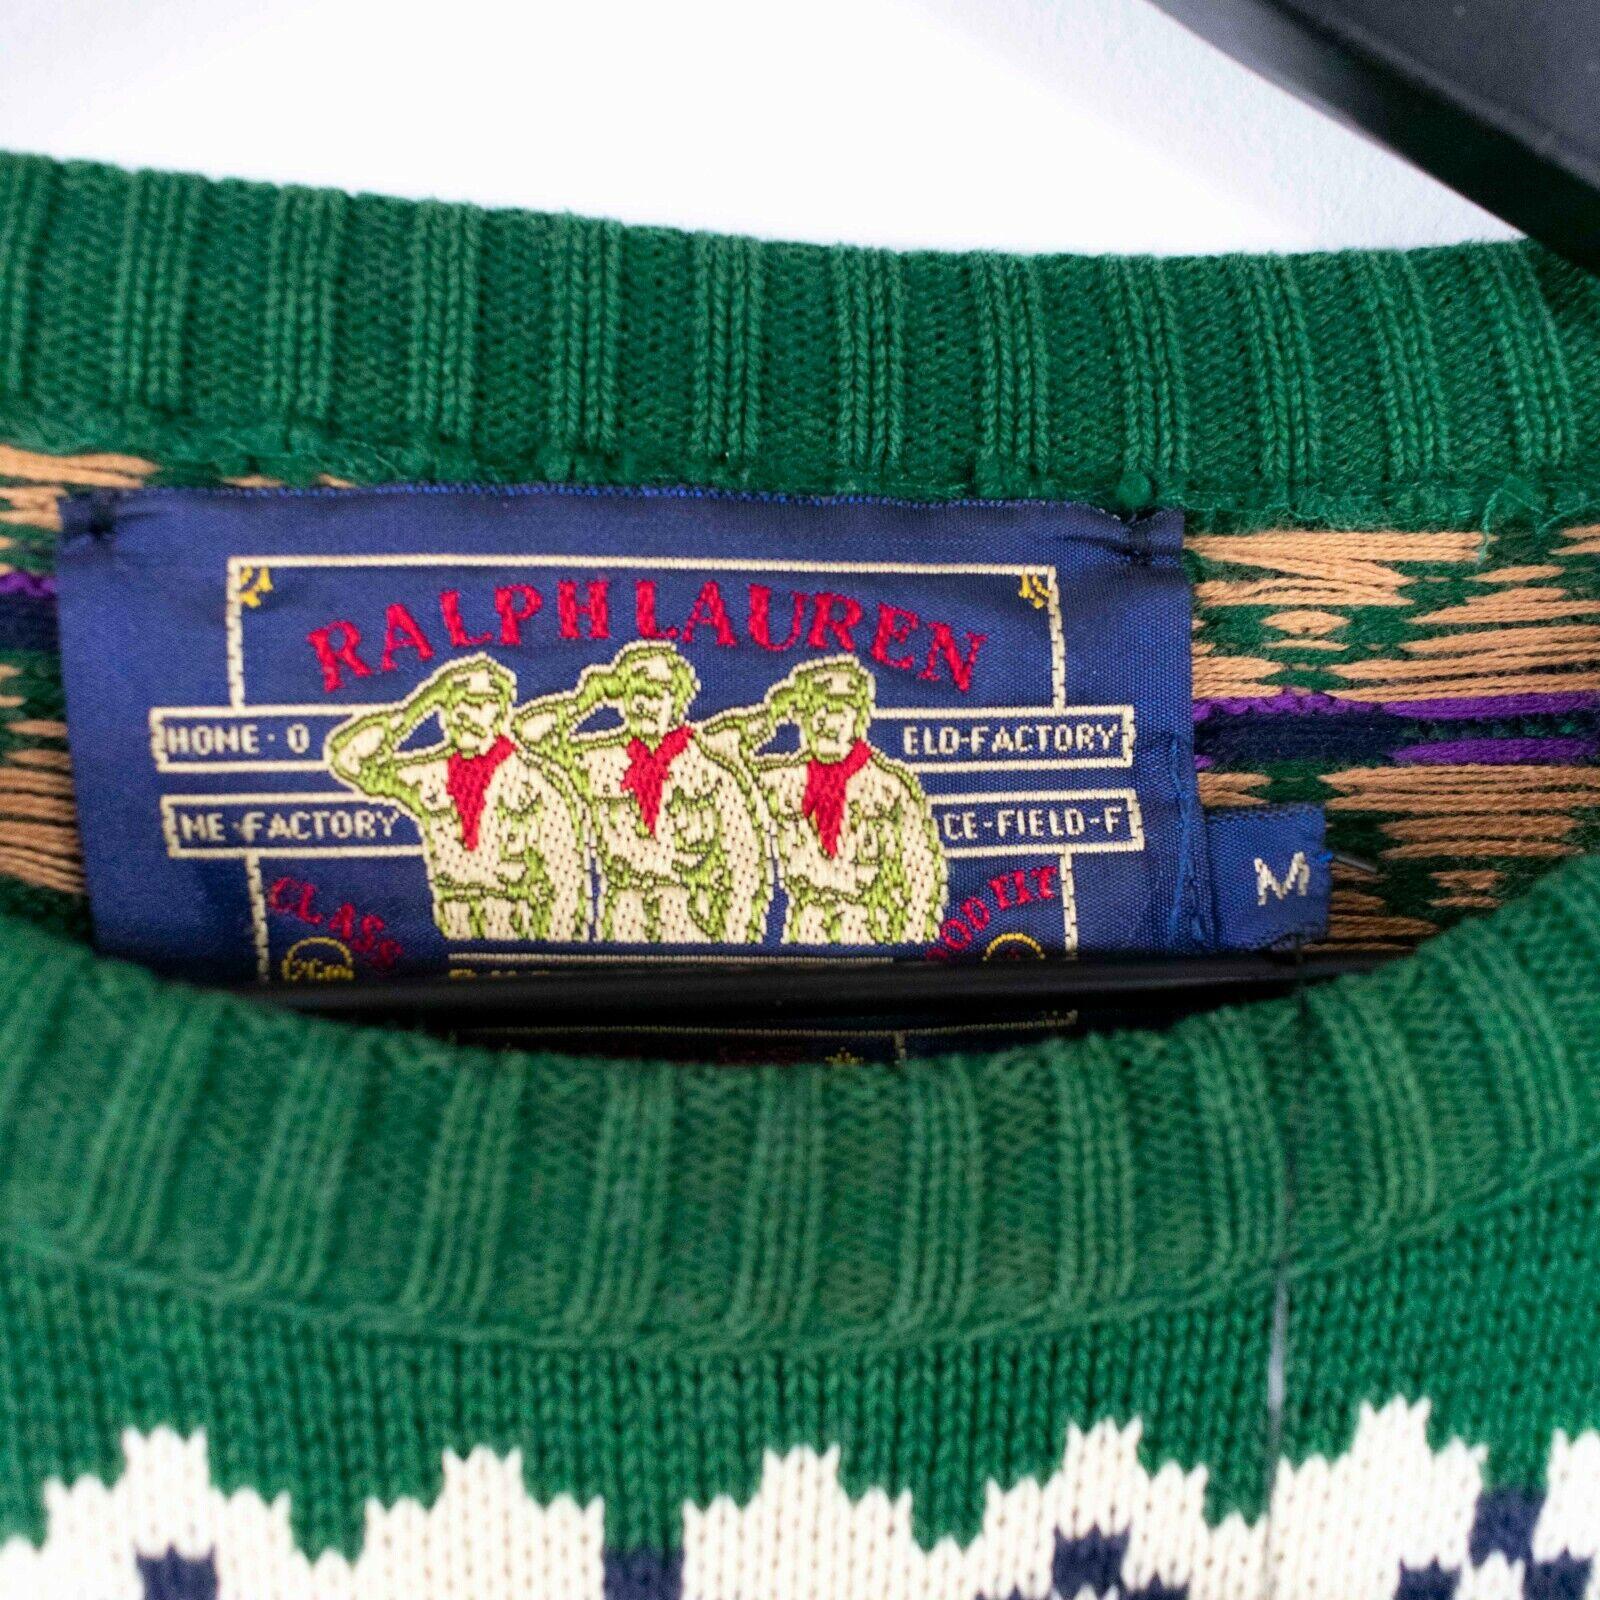 Vintage 80s/90s Chaps Ralph Lauren Knit Sweater S… - image 3